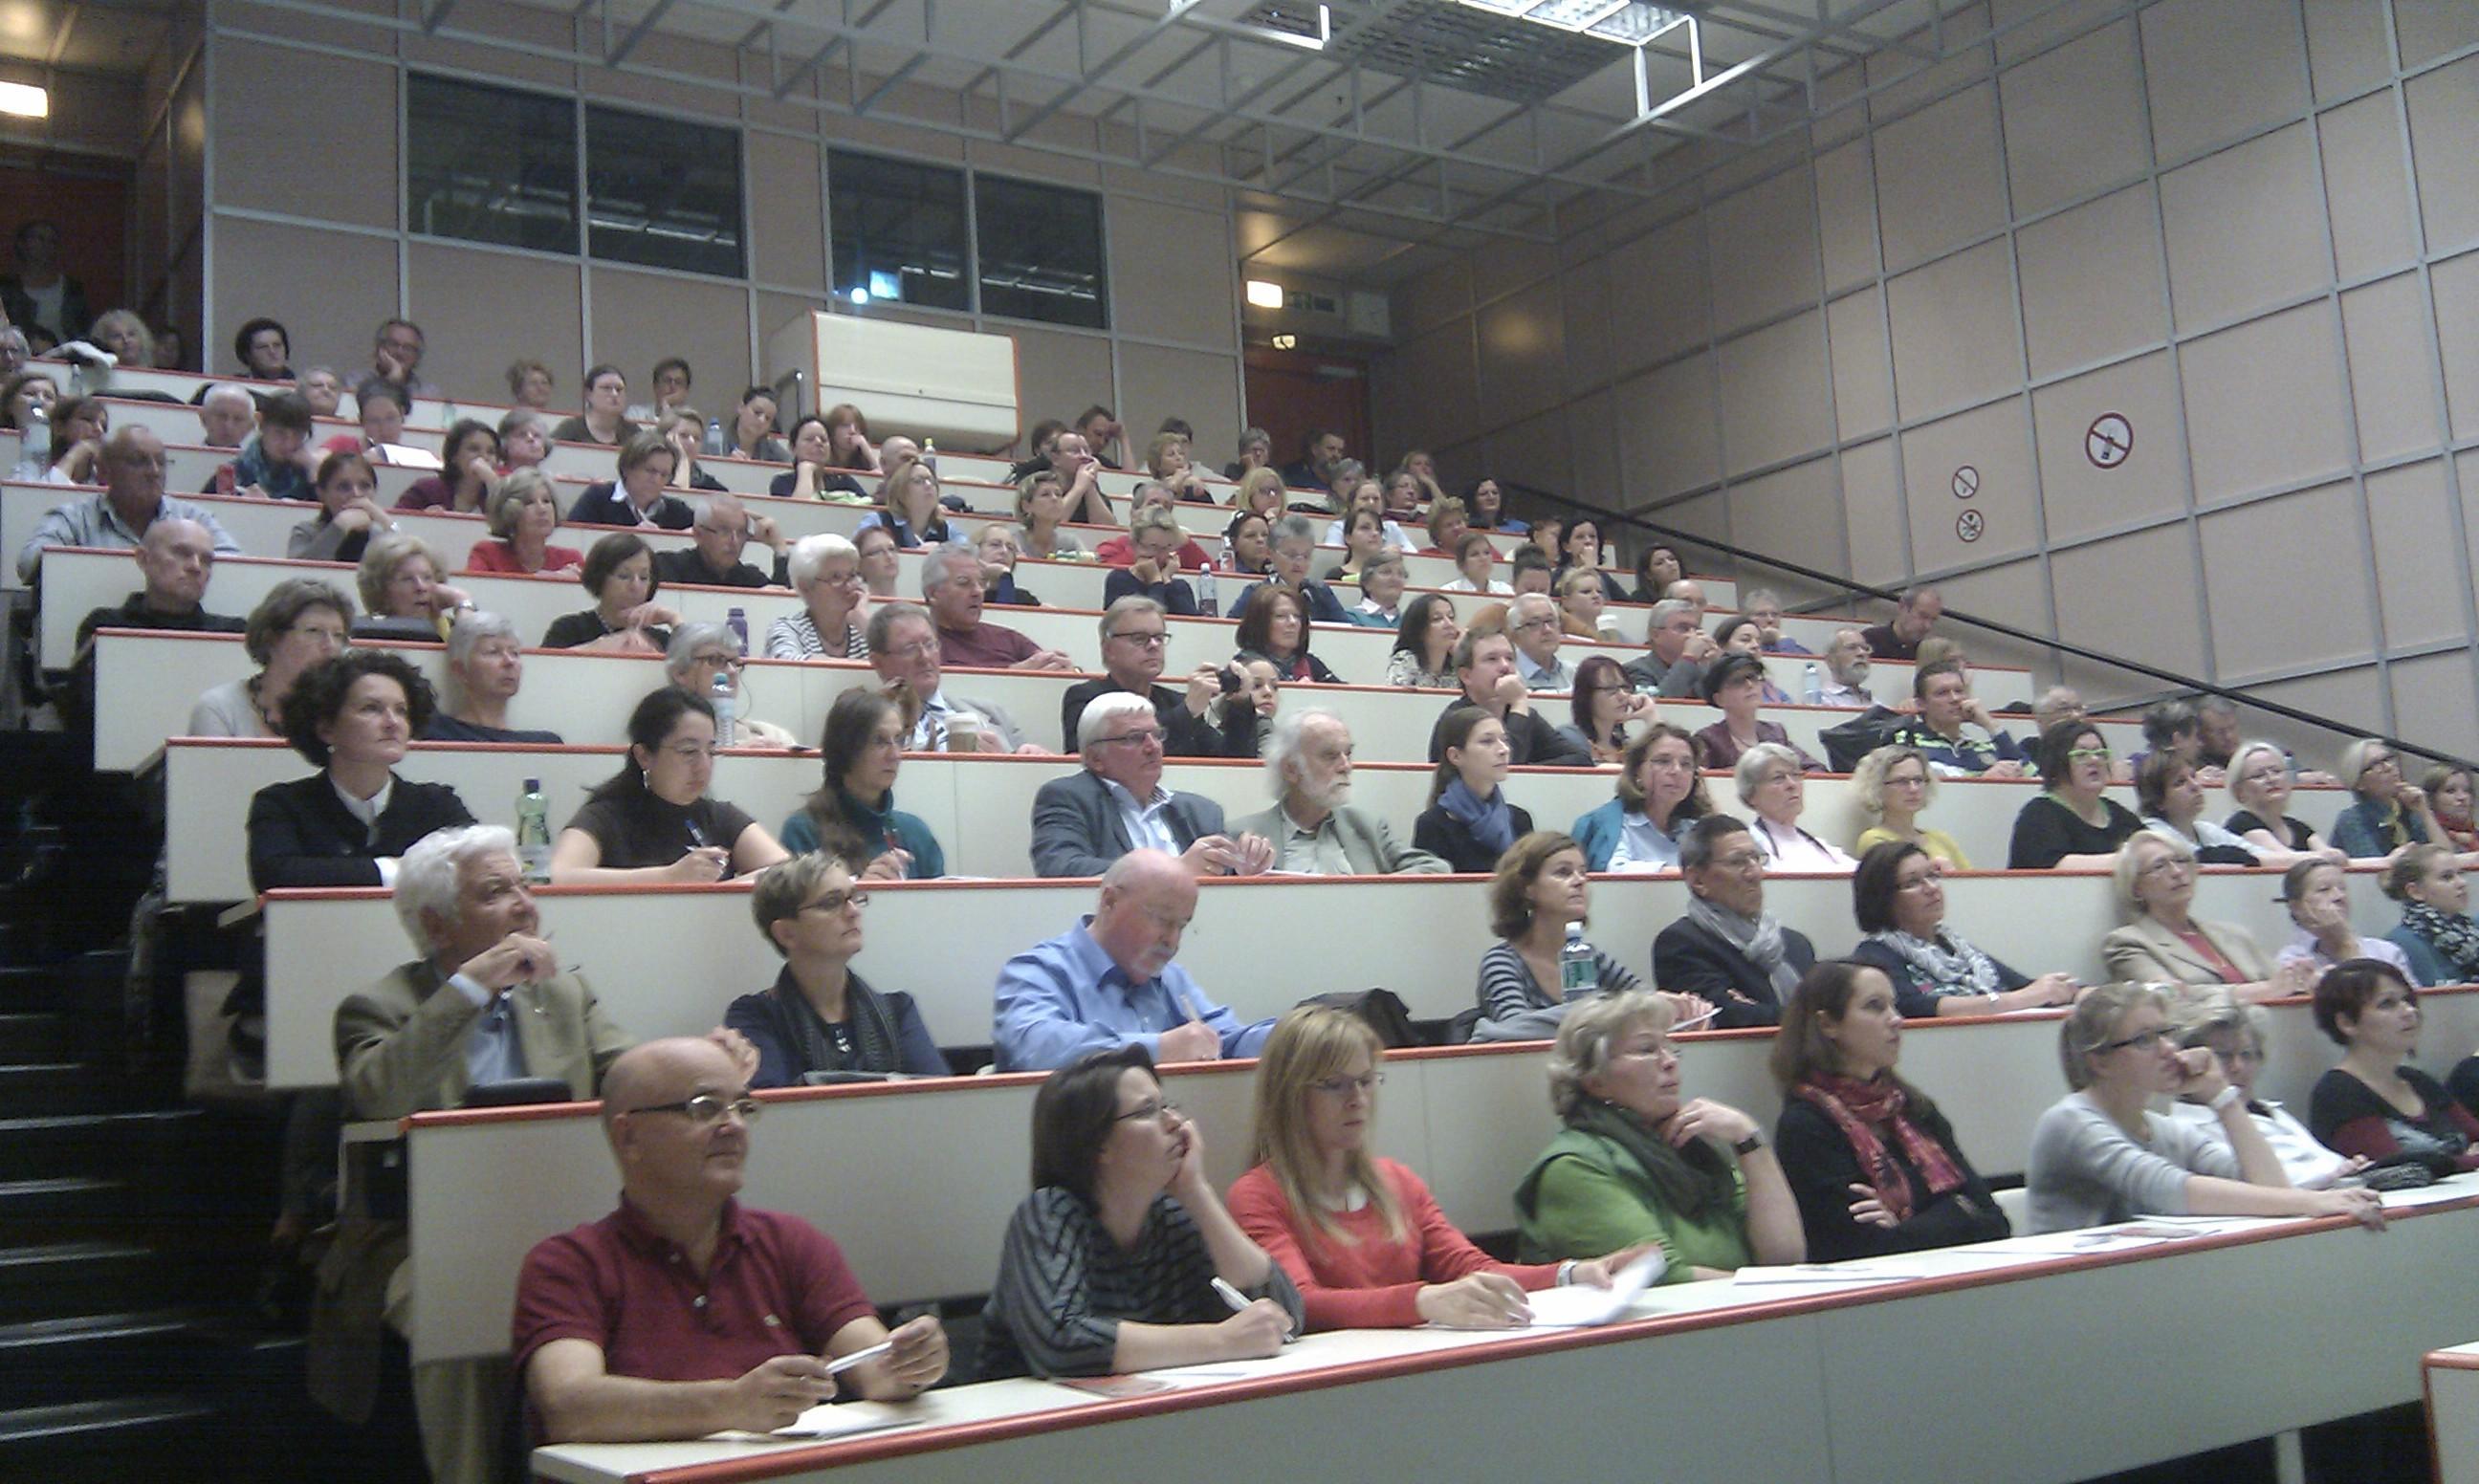 Cancer School Vienna